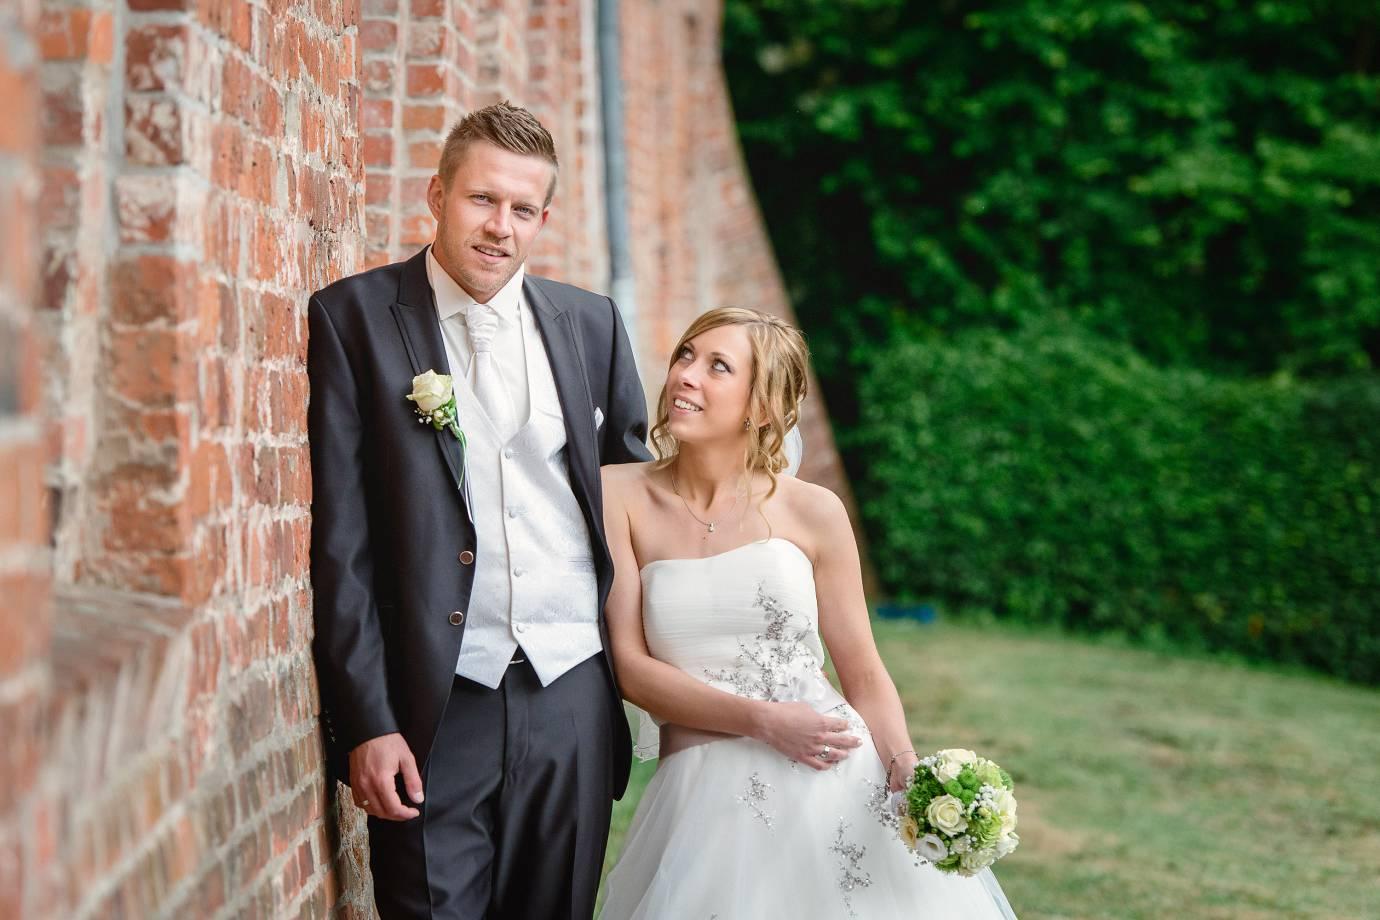 hochzeitsfotograf vegesack 111 - Sarah+Timo